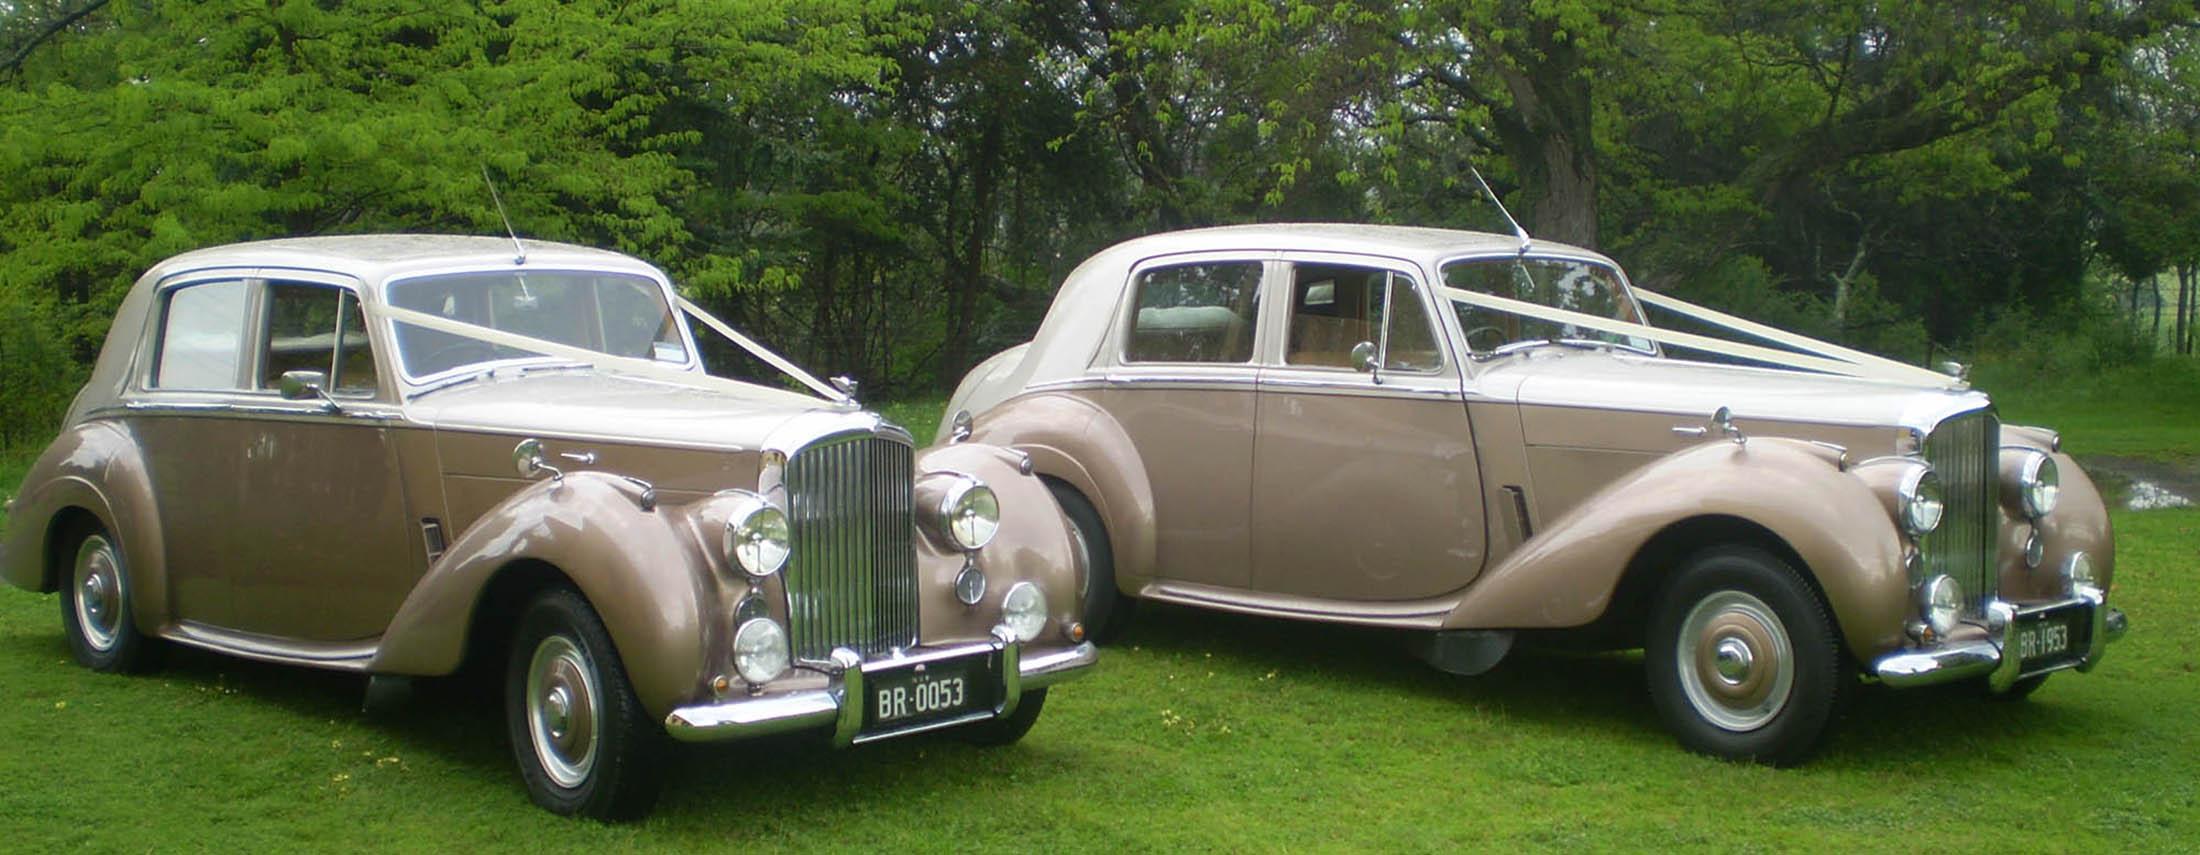 Hire Classic Wedding Cars In Sydney - Abridalaffair.com.au